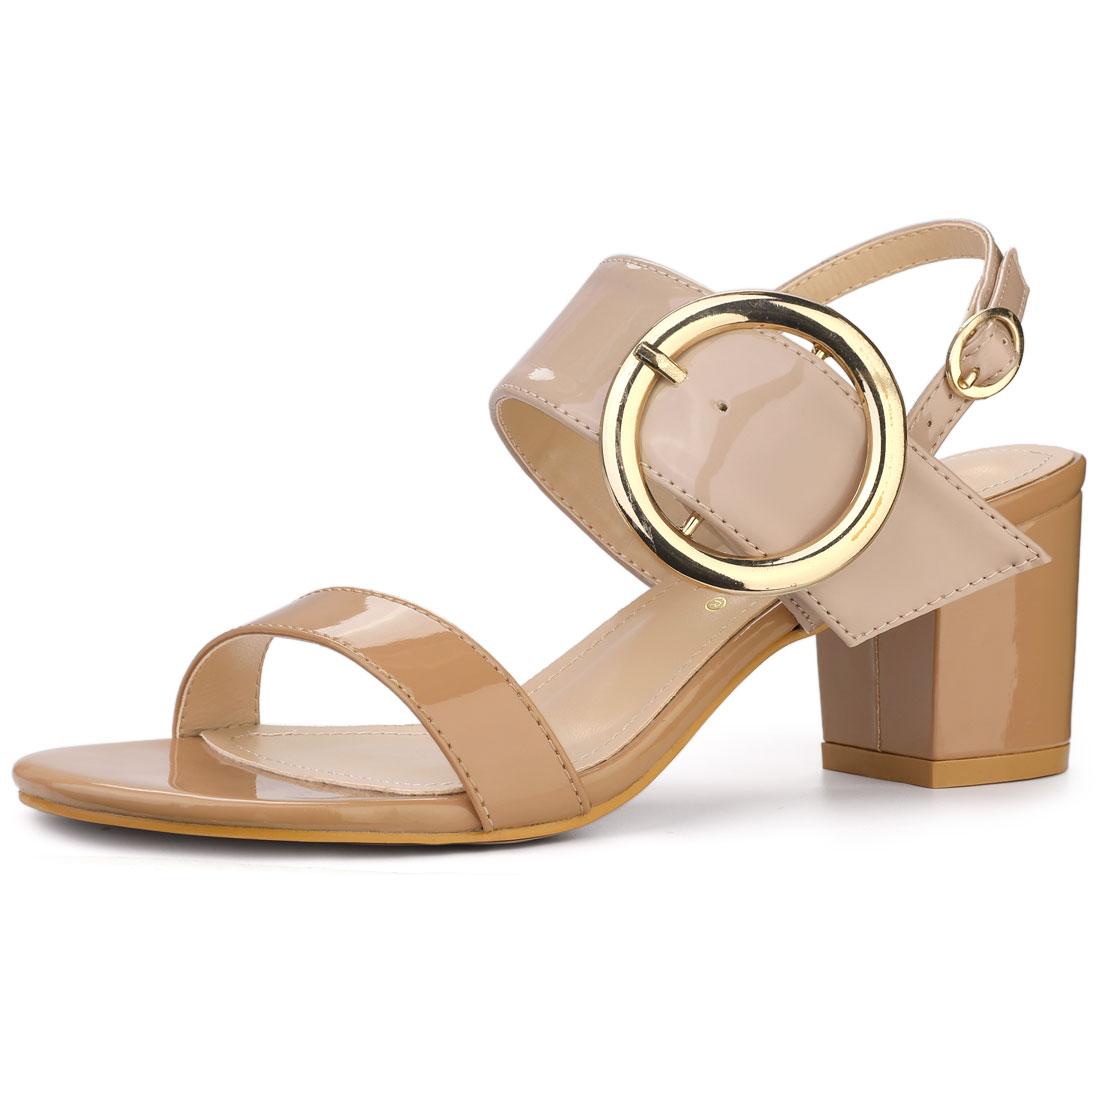 Allegra K Women's Slingback Block High Heel Sandals Beige Brown US 10